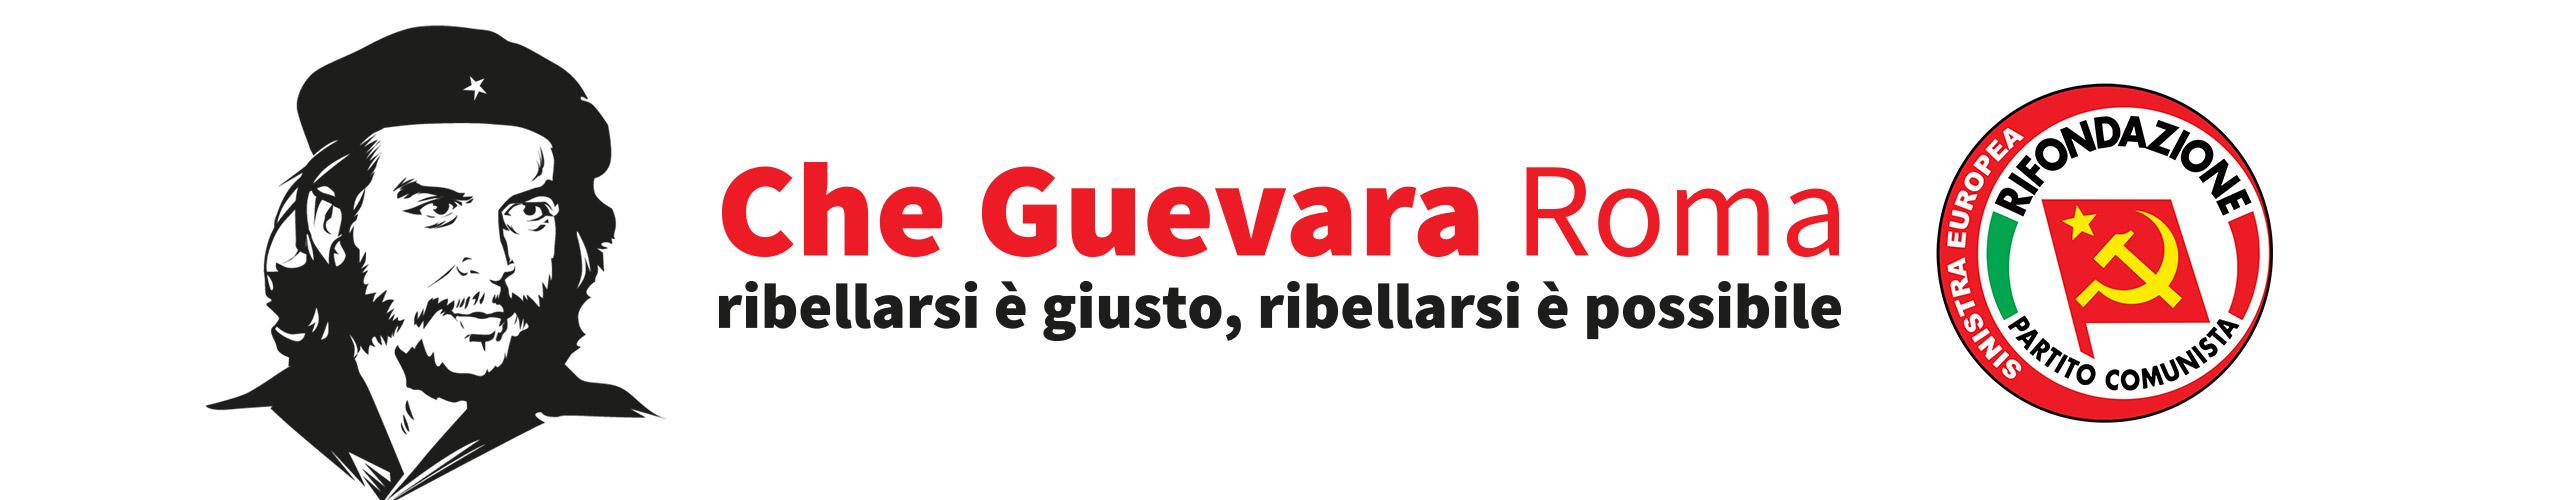 Che Guevara Roma